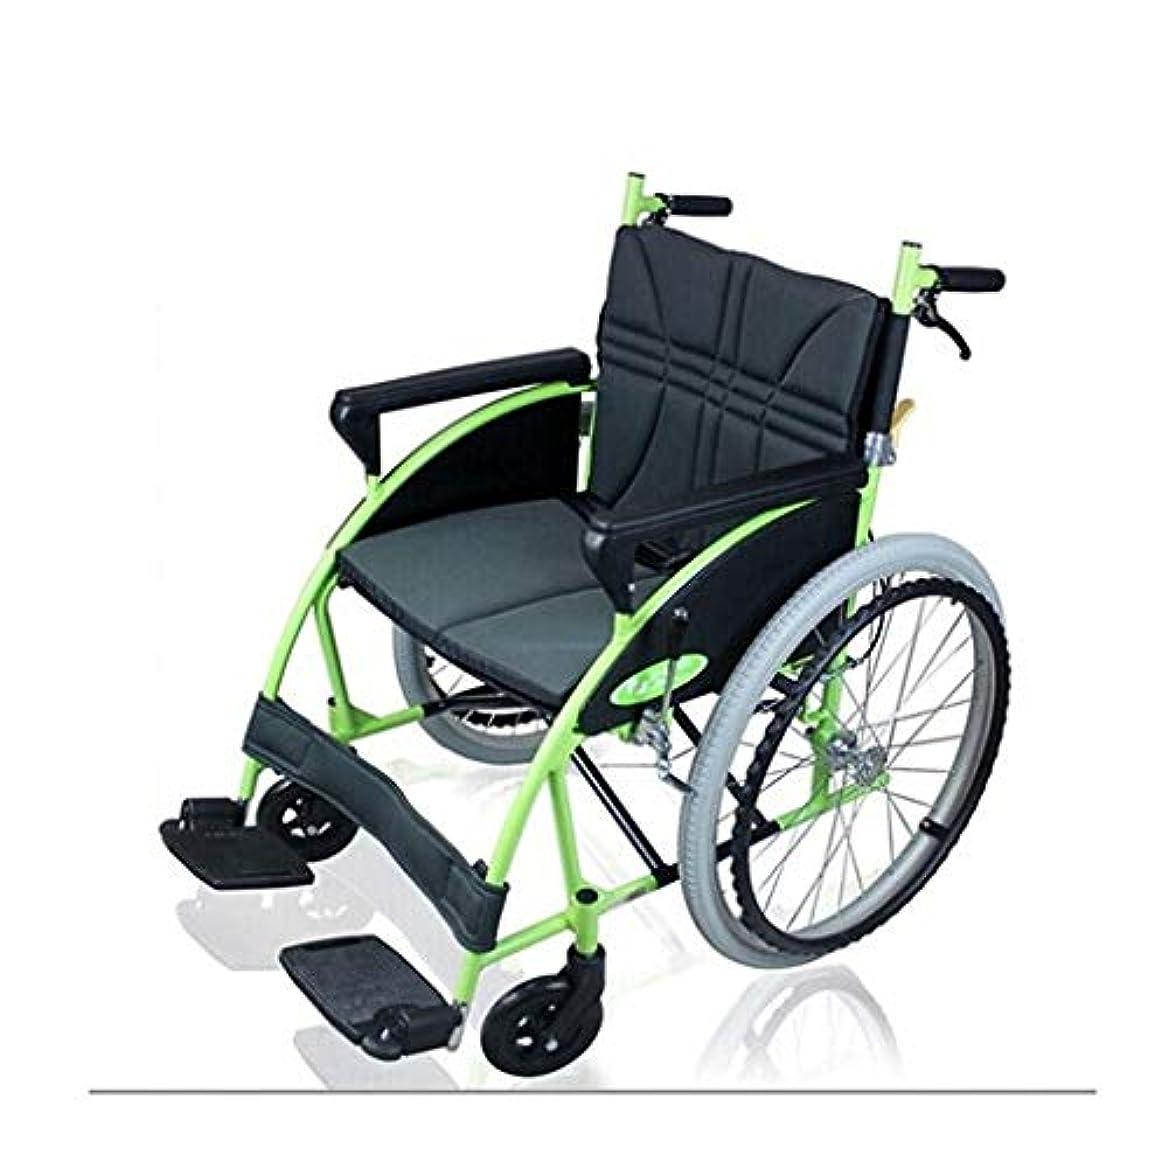 息子デザート軍隊アルミ合金車椅子折りたたみポータブル障害者高齢者車椅子4ブレーキデザインバックストレージバッグ